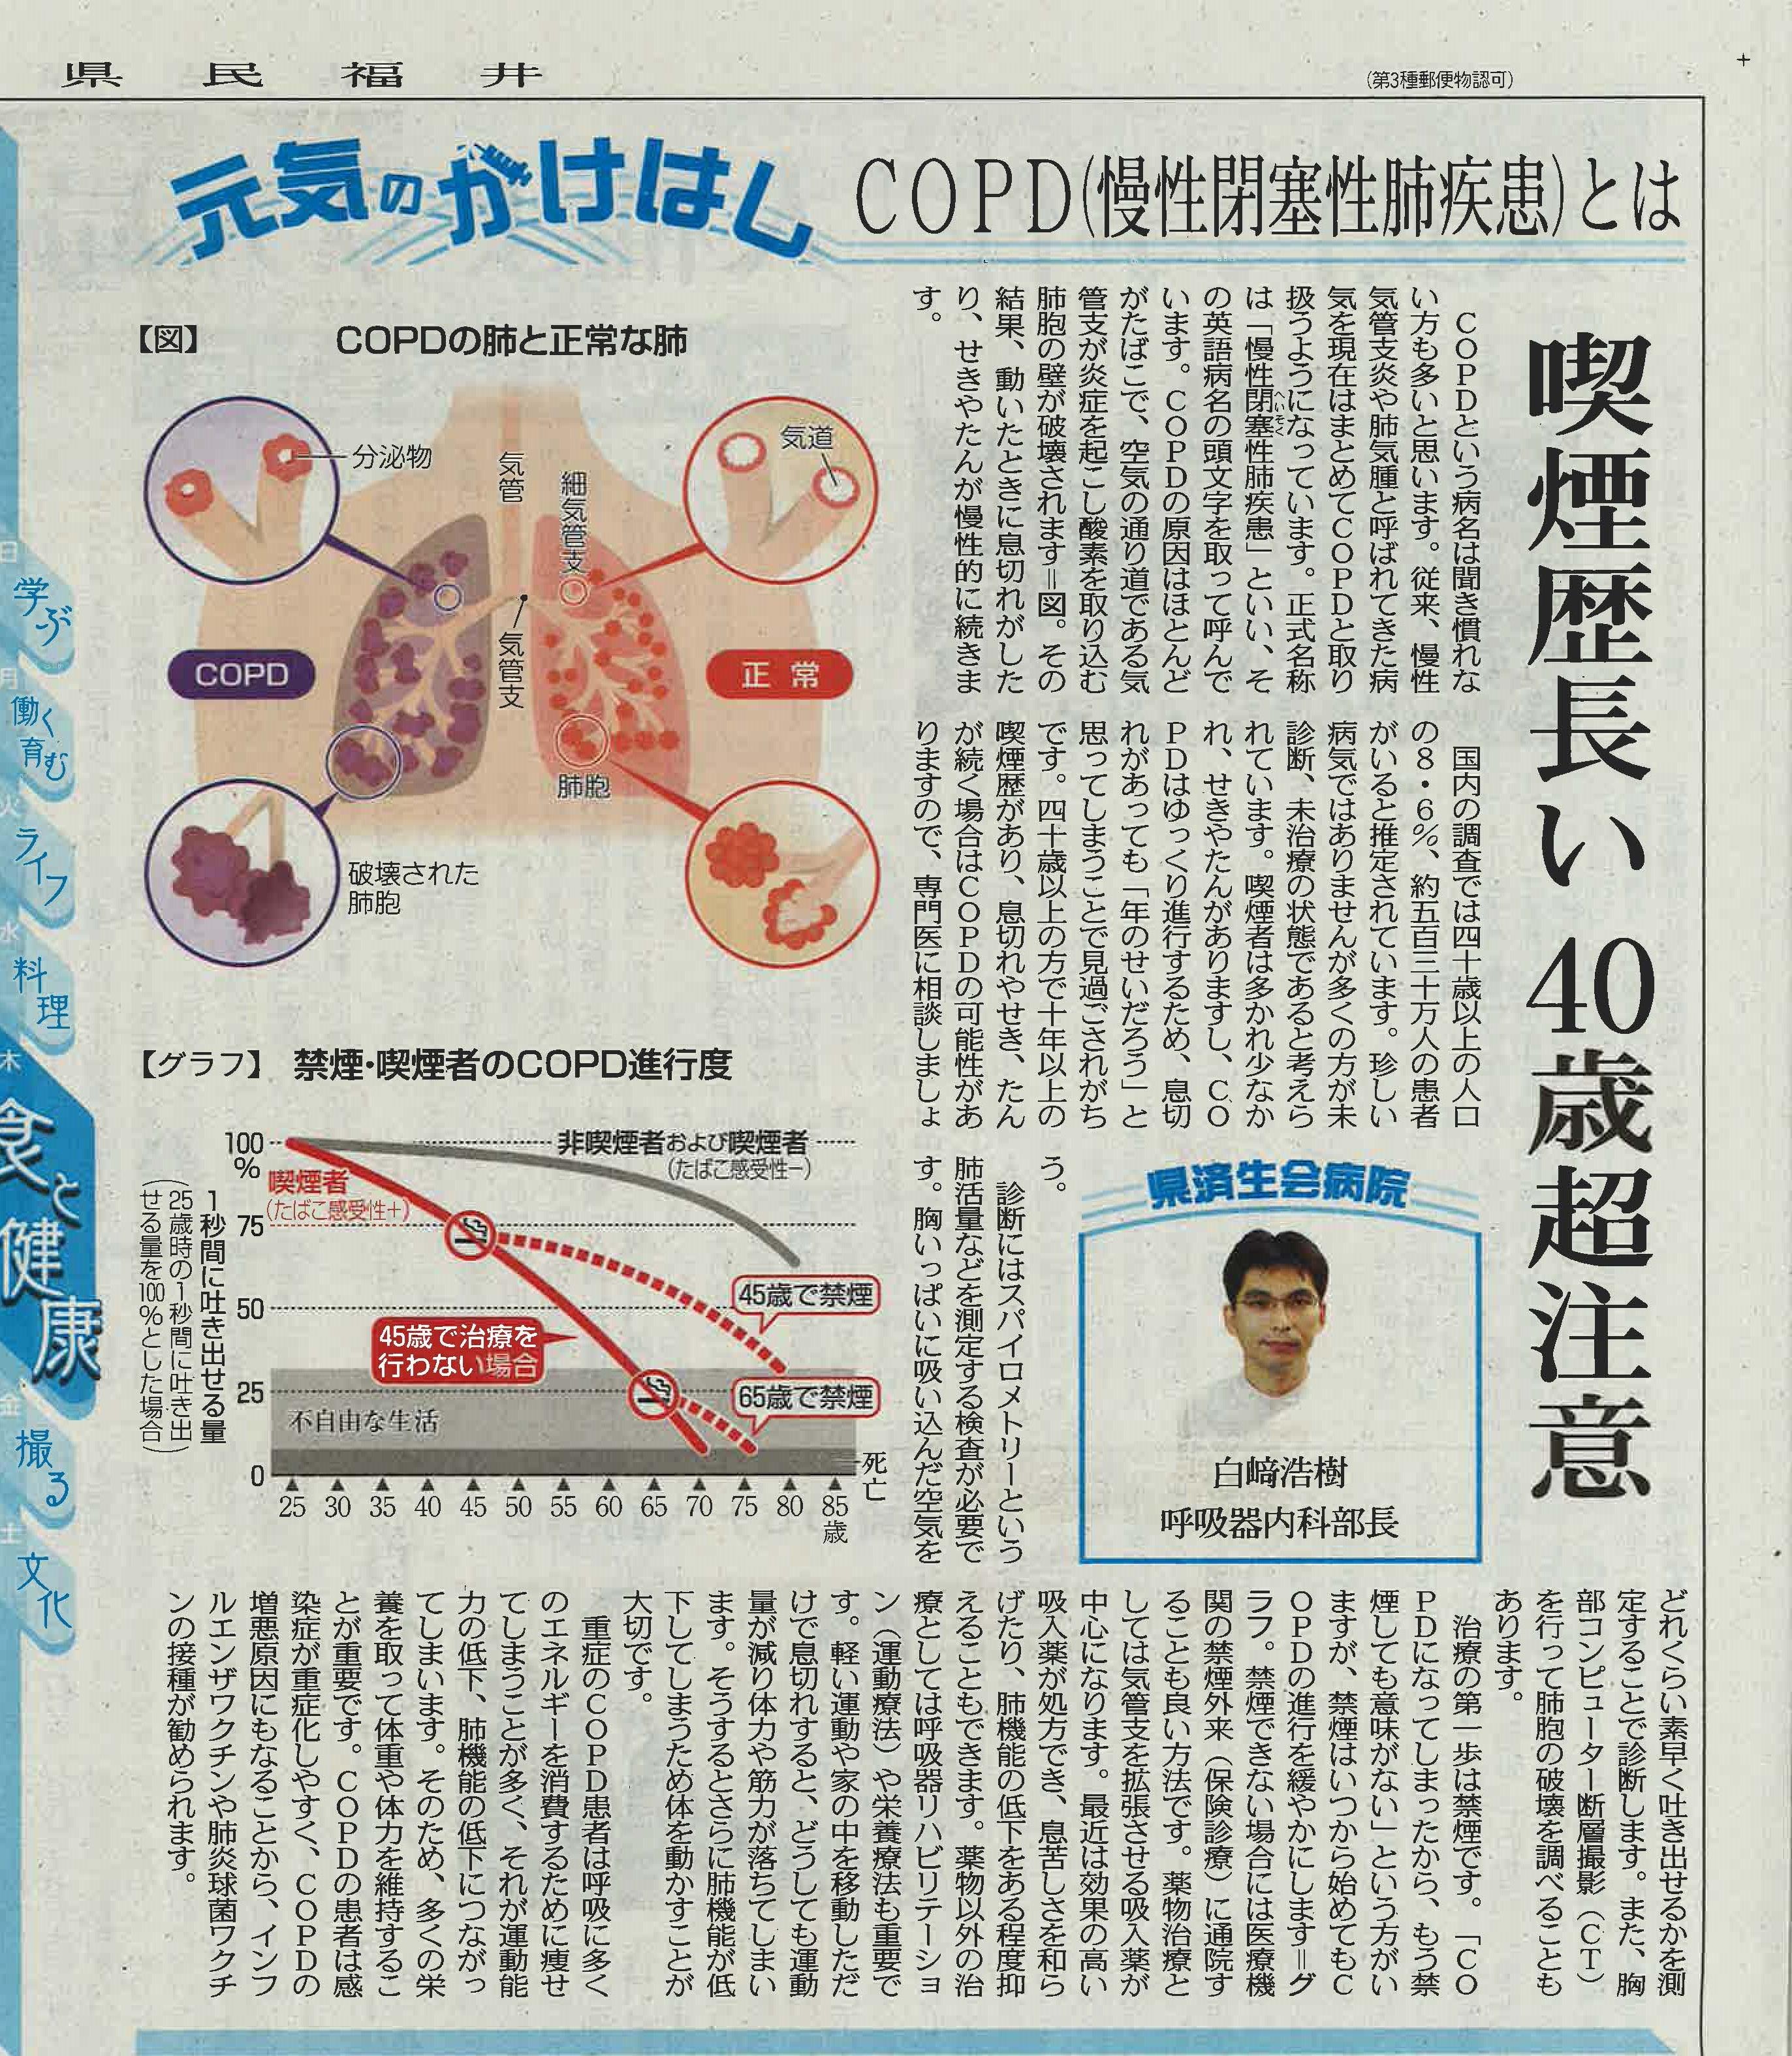 2020年9月24日 日刊県民福井